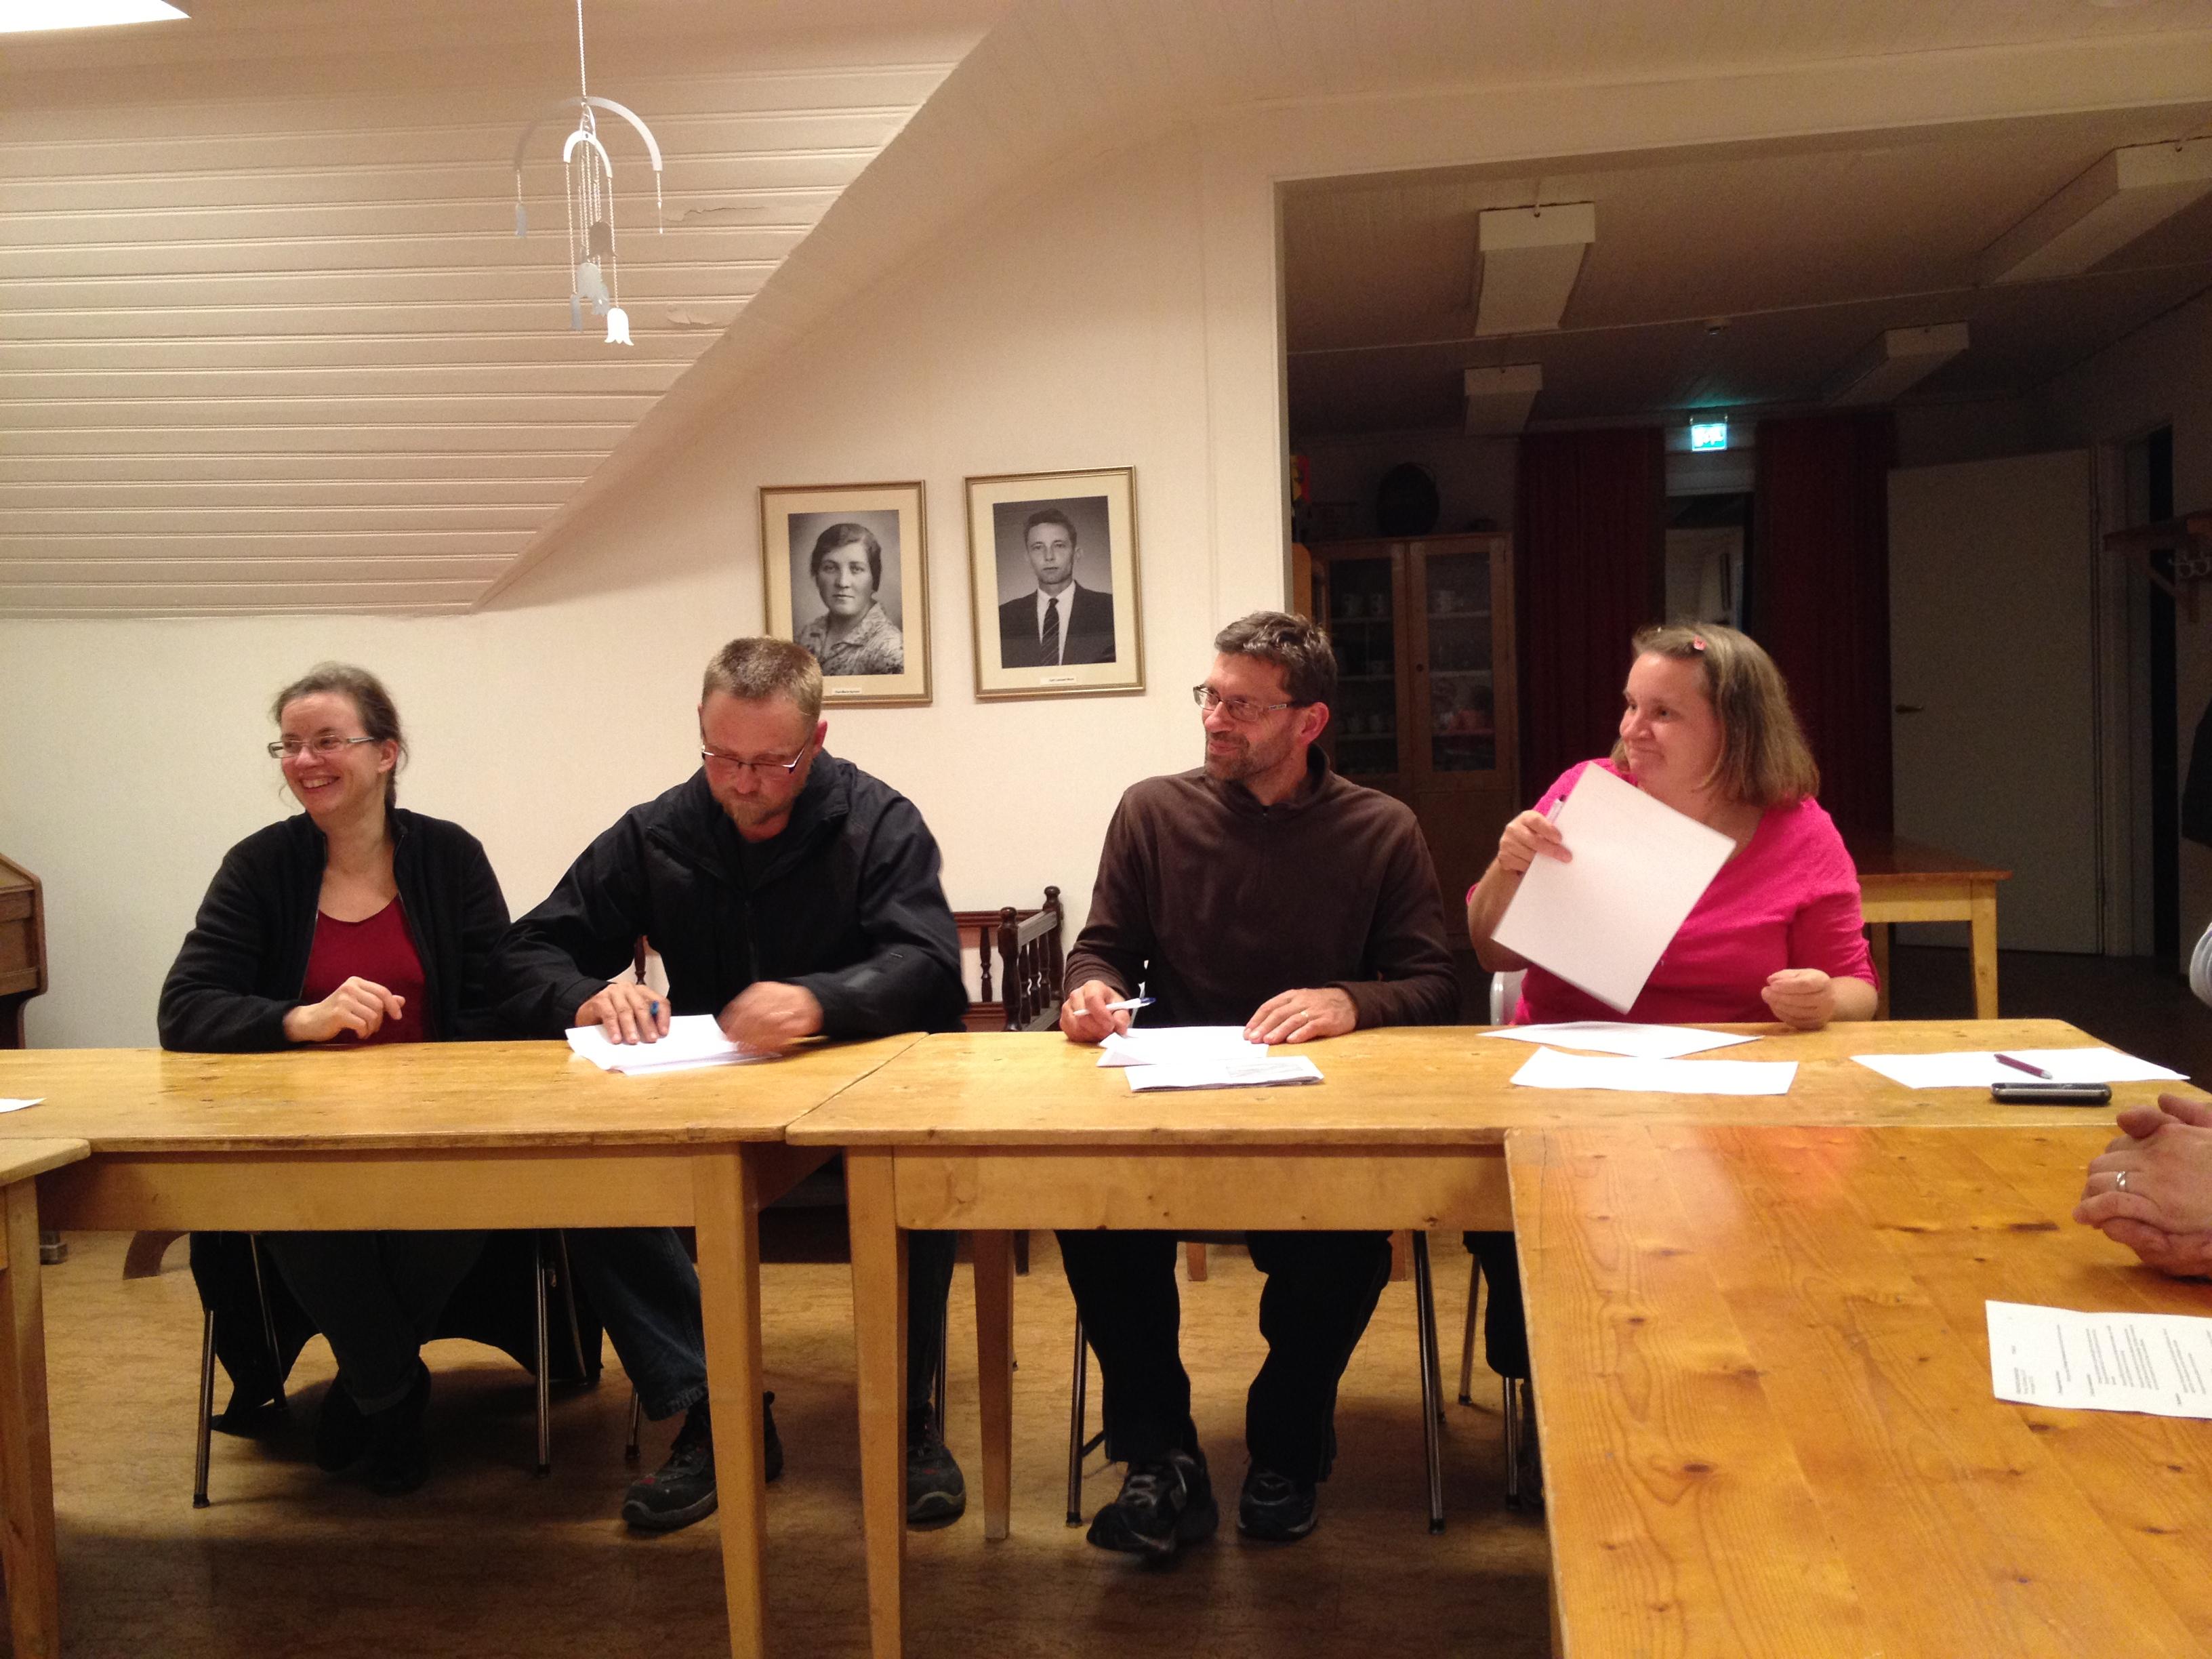 Underskrift av stiftelseurkunden 2